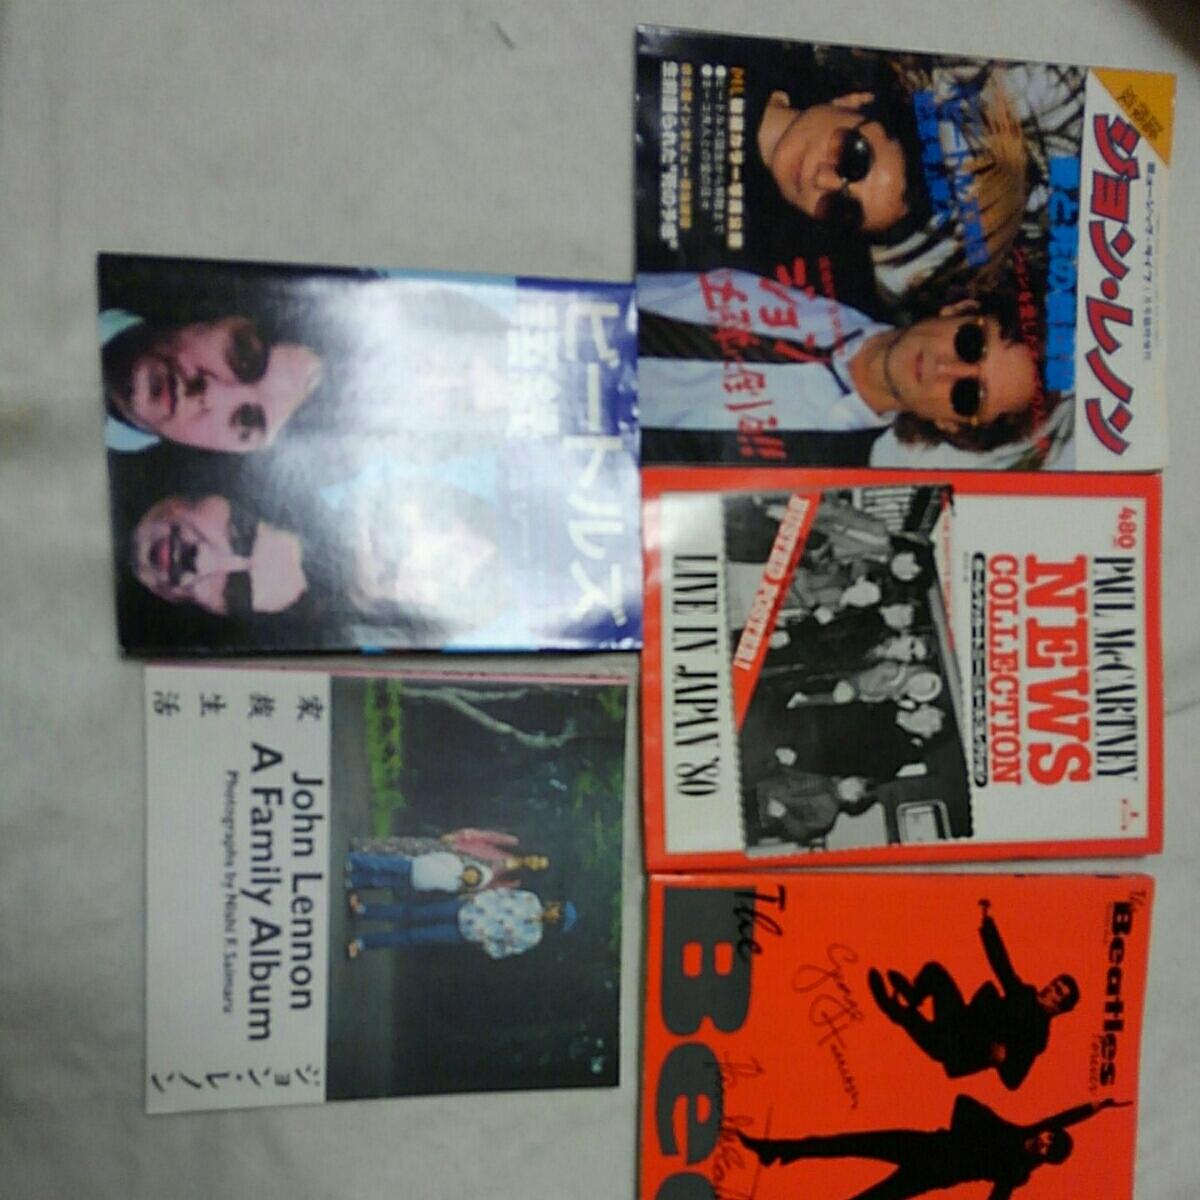 古本 ビートルズ関連 5冊です。 ライブグッズの画像